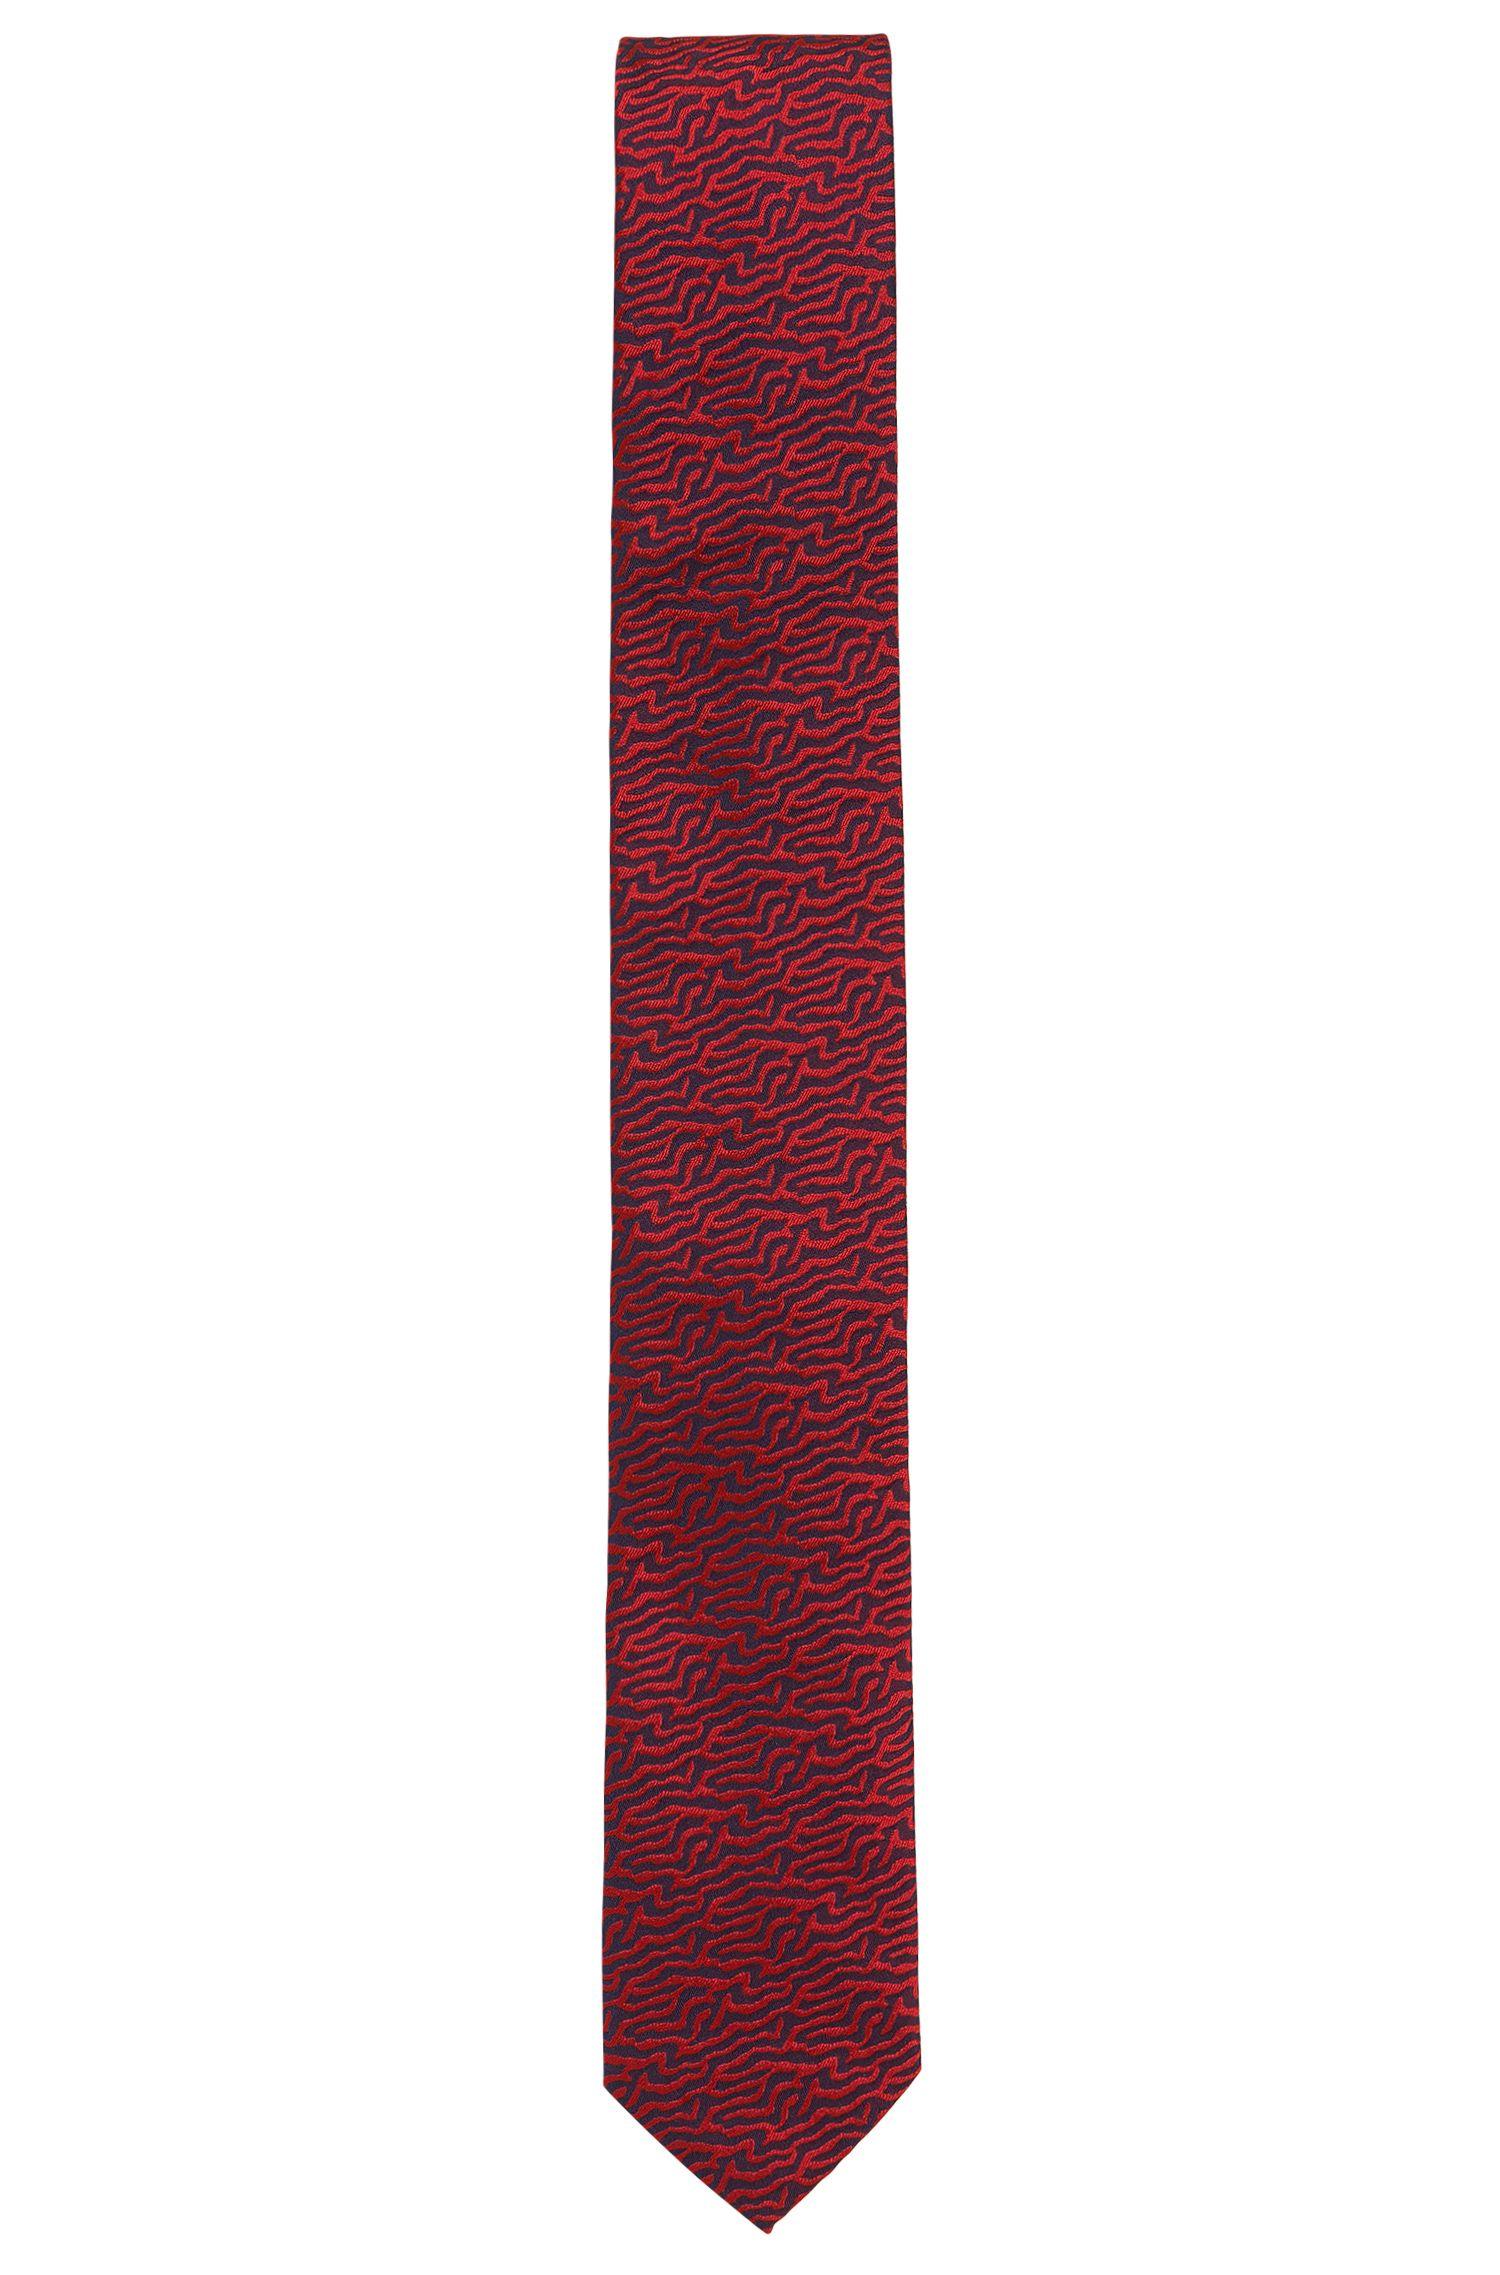 Cravate jacquard en soie fine